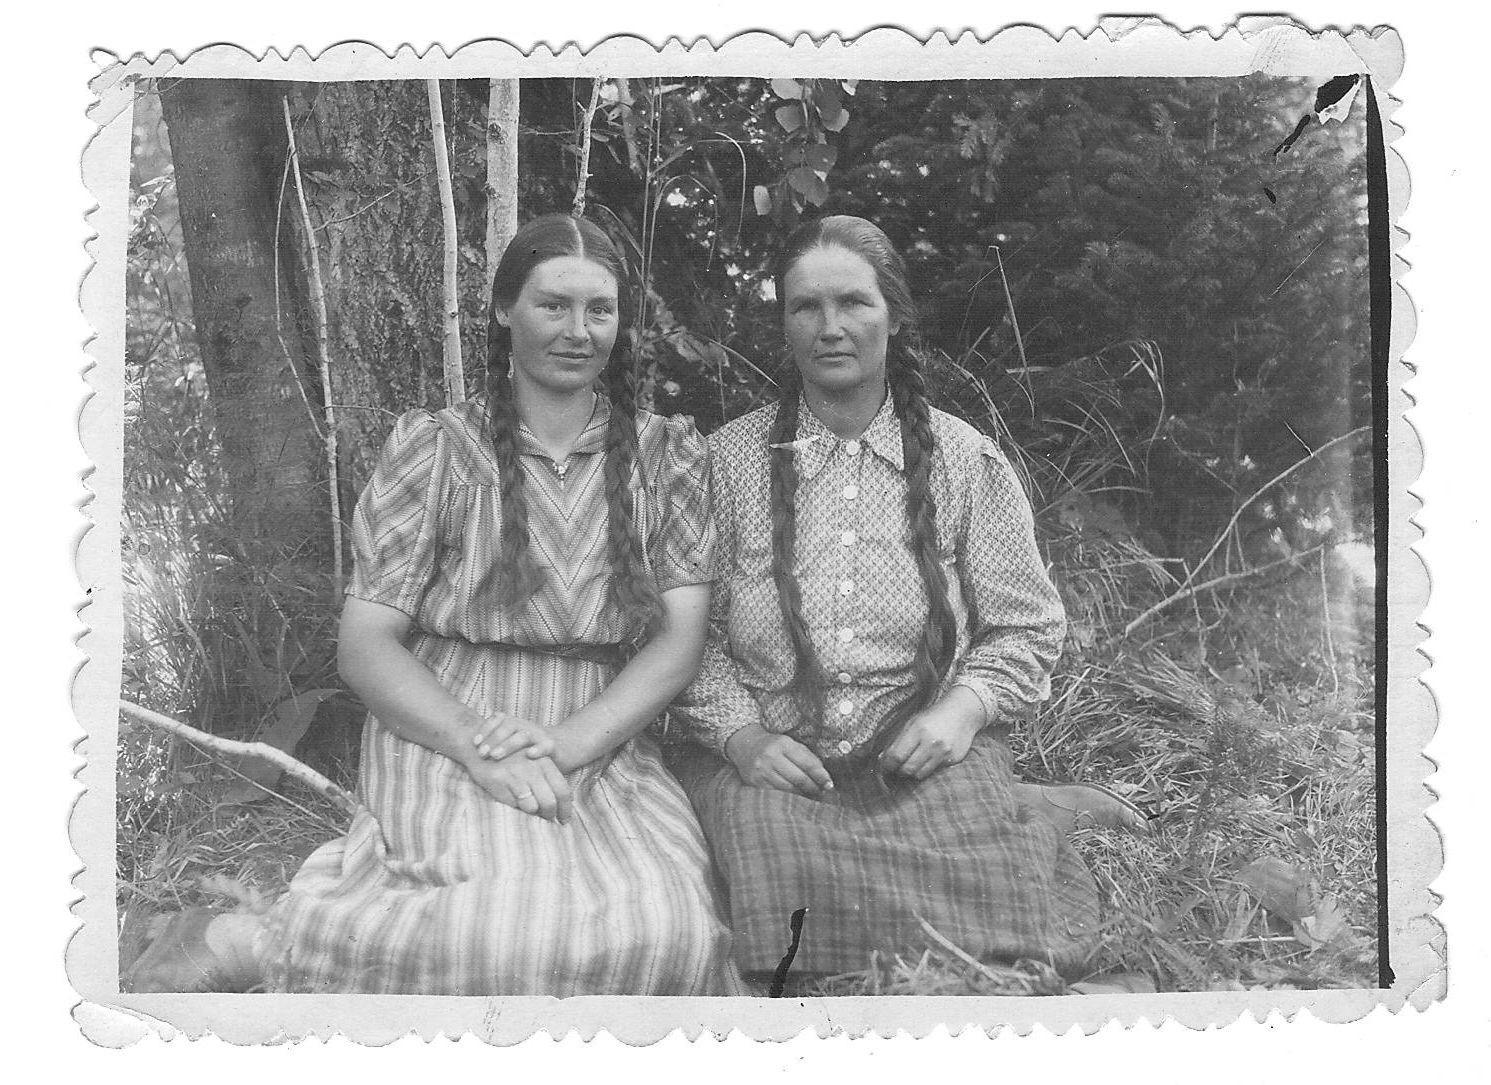 Iš kairės – Julija Balcienė ir Terese Marcinskiene.Krasnojarsko krastas. Apie 1953 m.asmen.nuotr